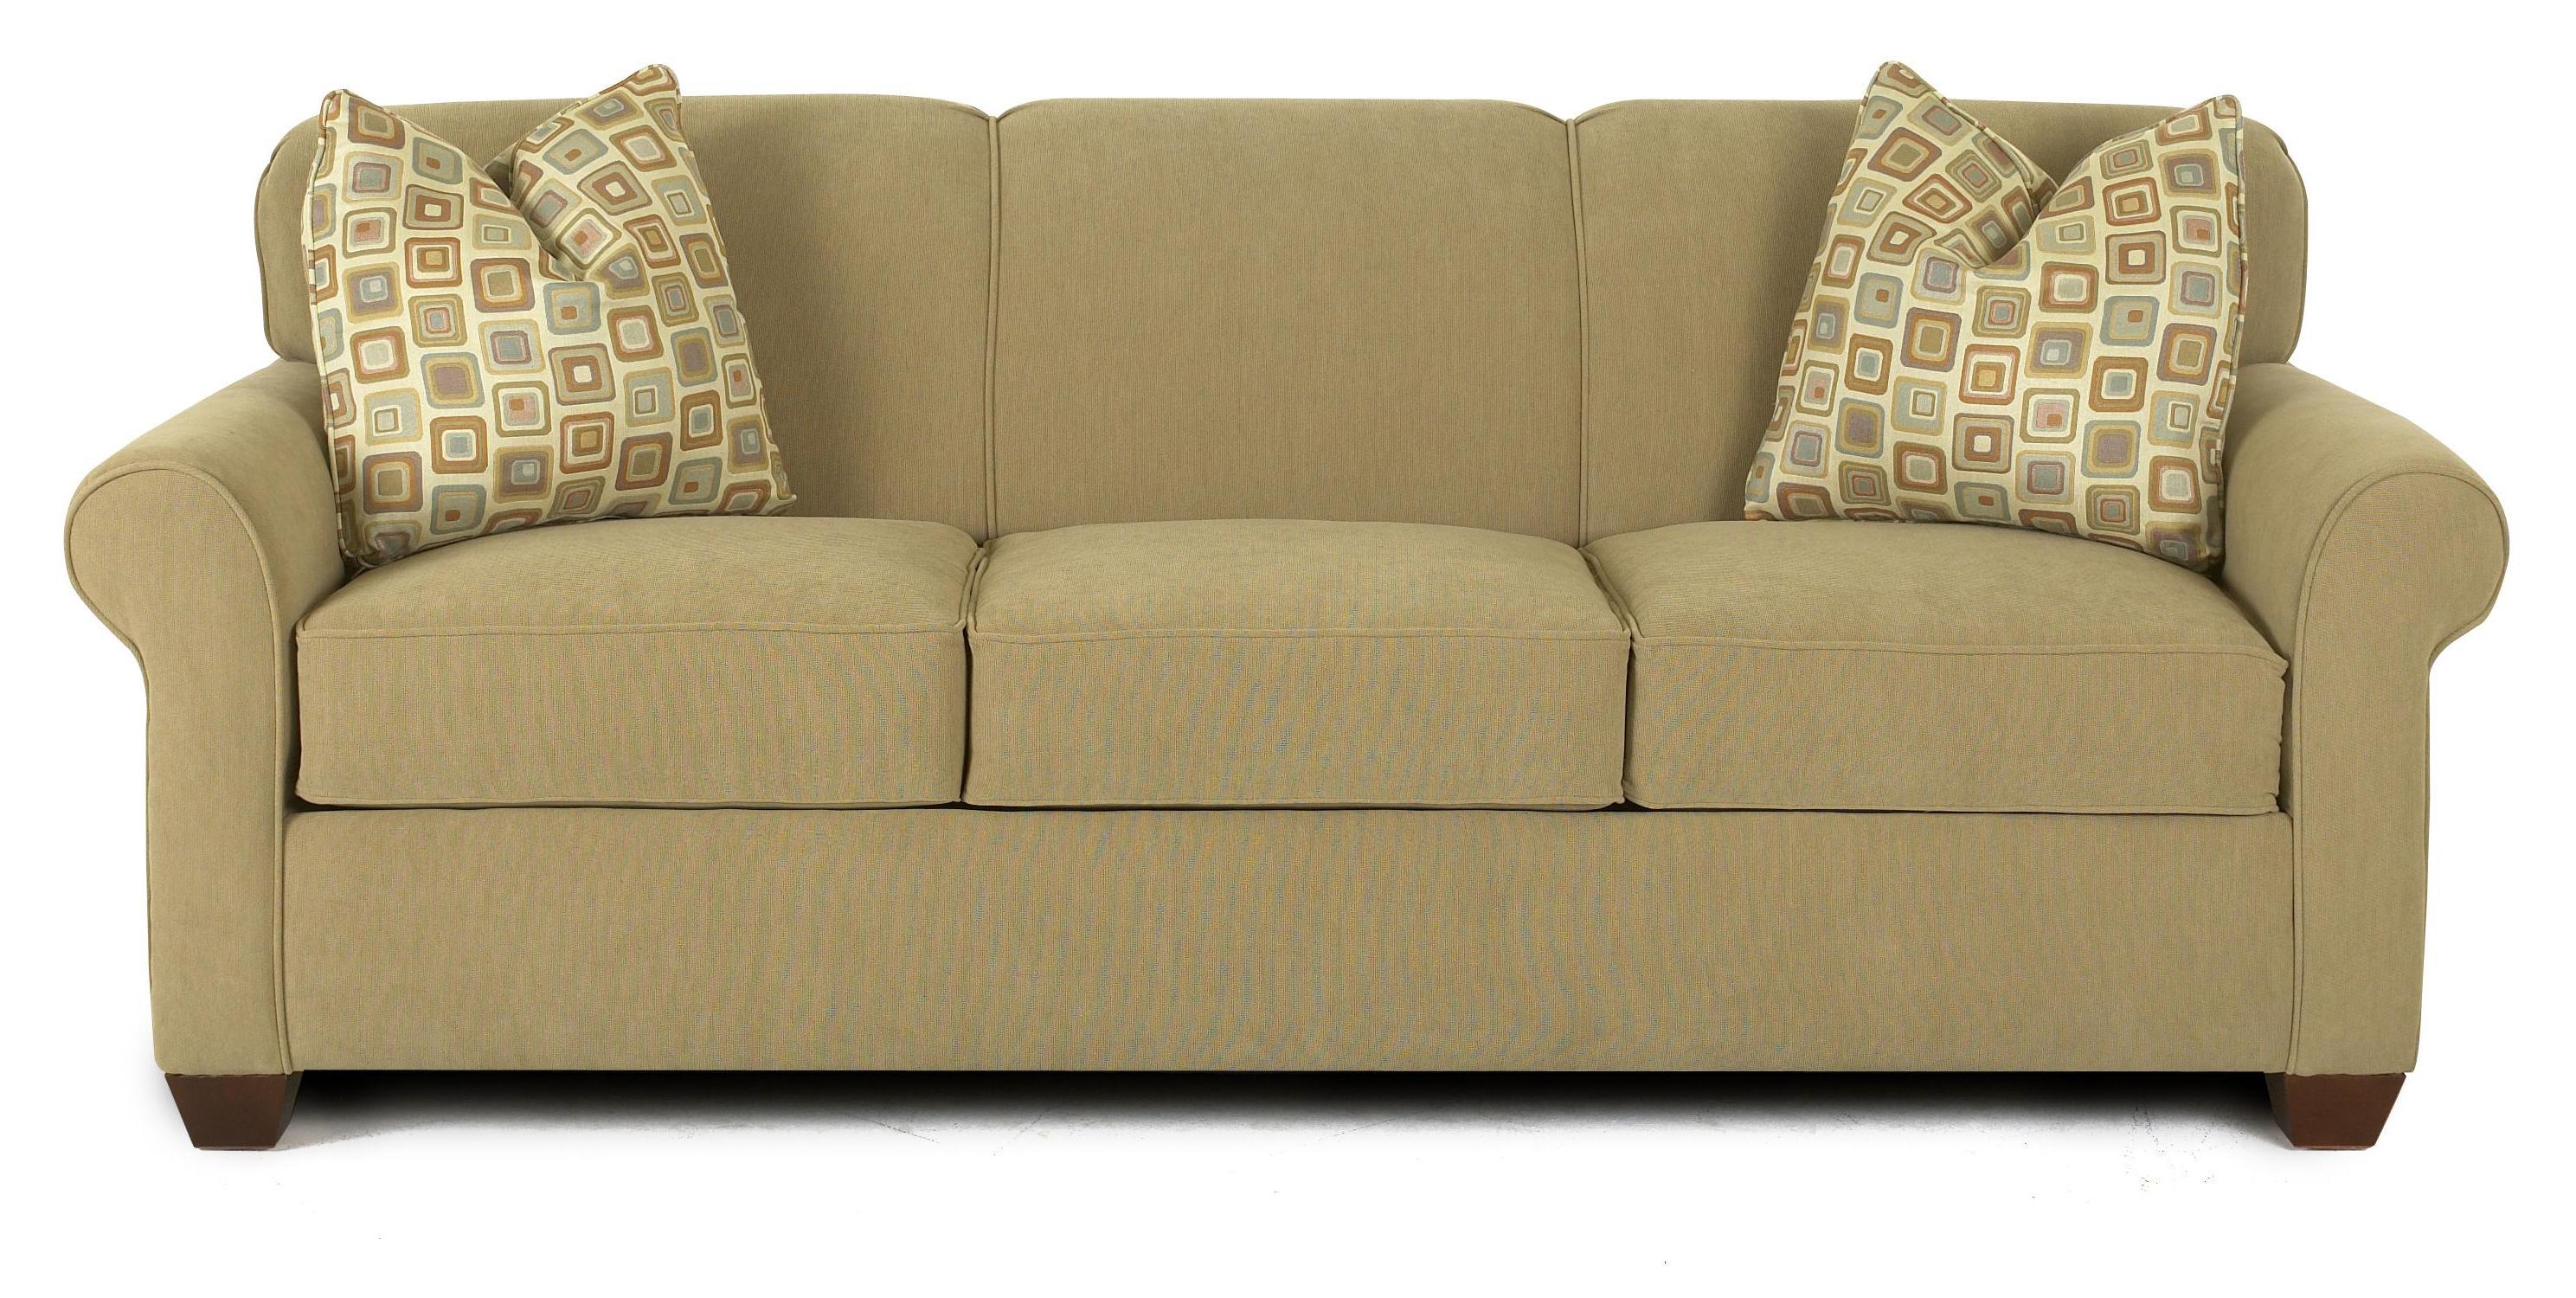 Klaussner Mayhew Enso Memory Foam Queen Sleeper Sofa